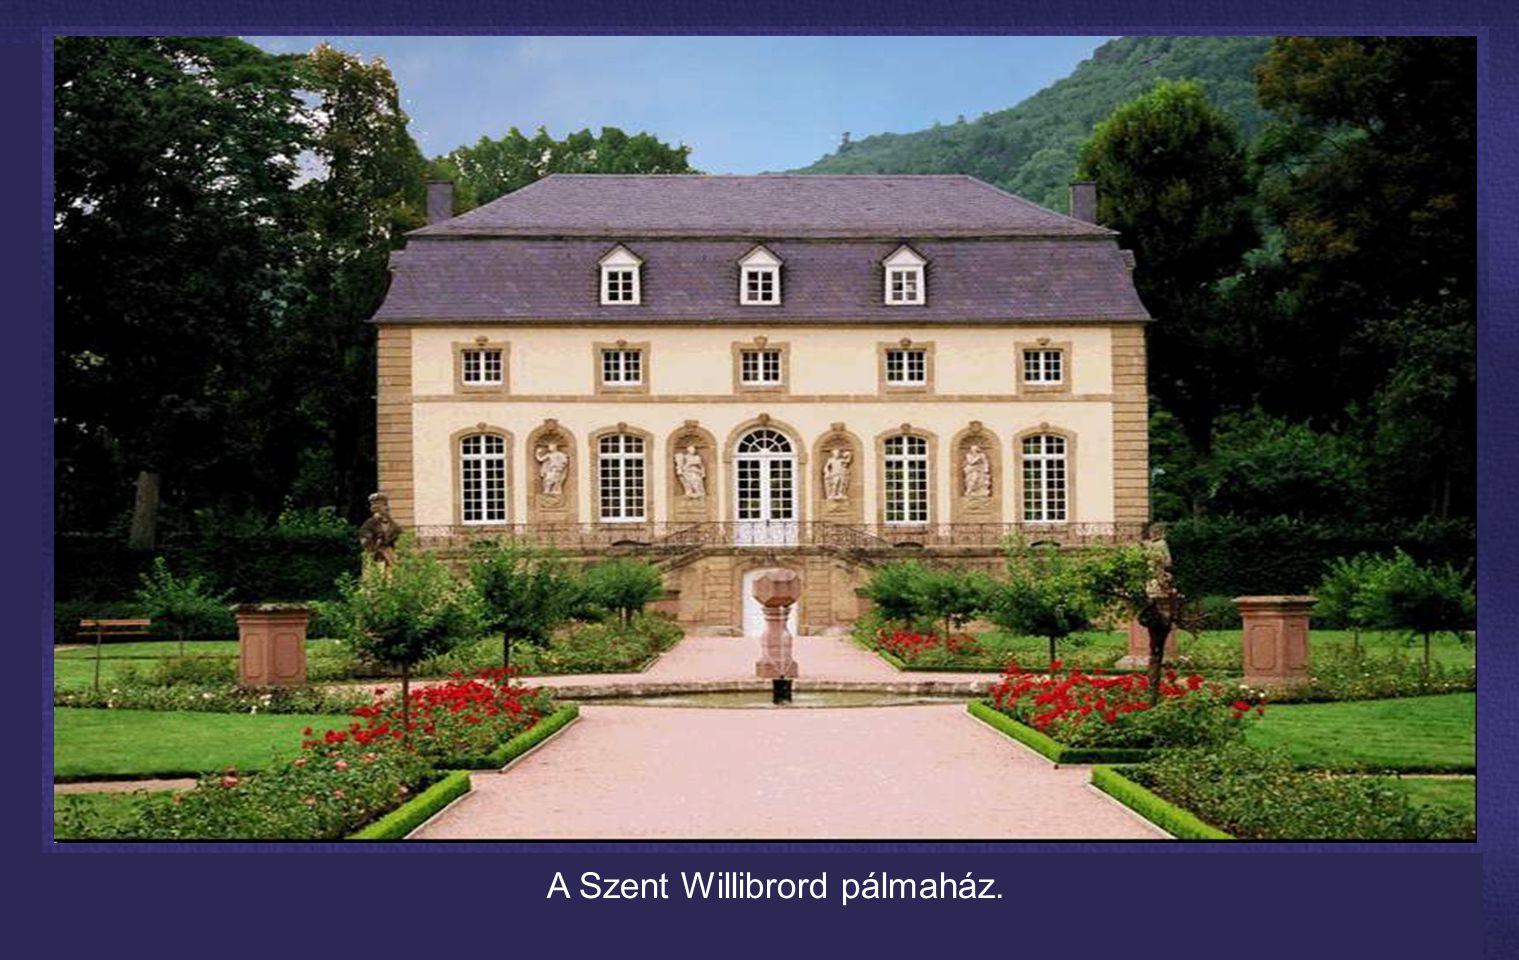 A Szent Willibrord pálmaház.